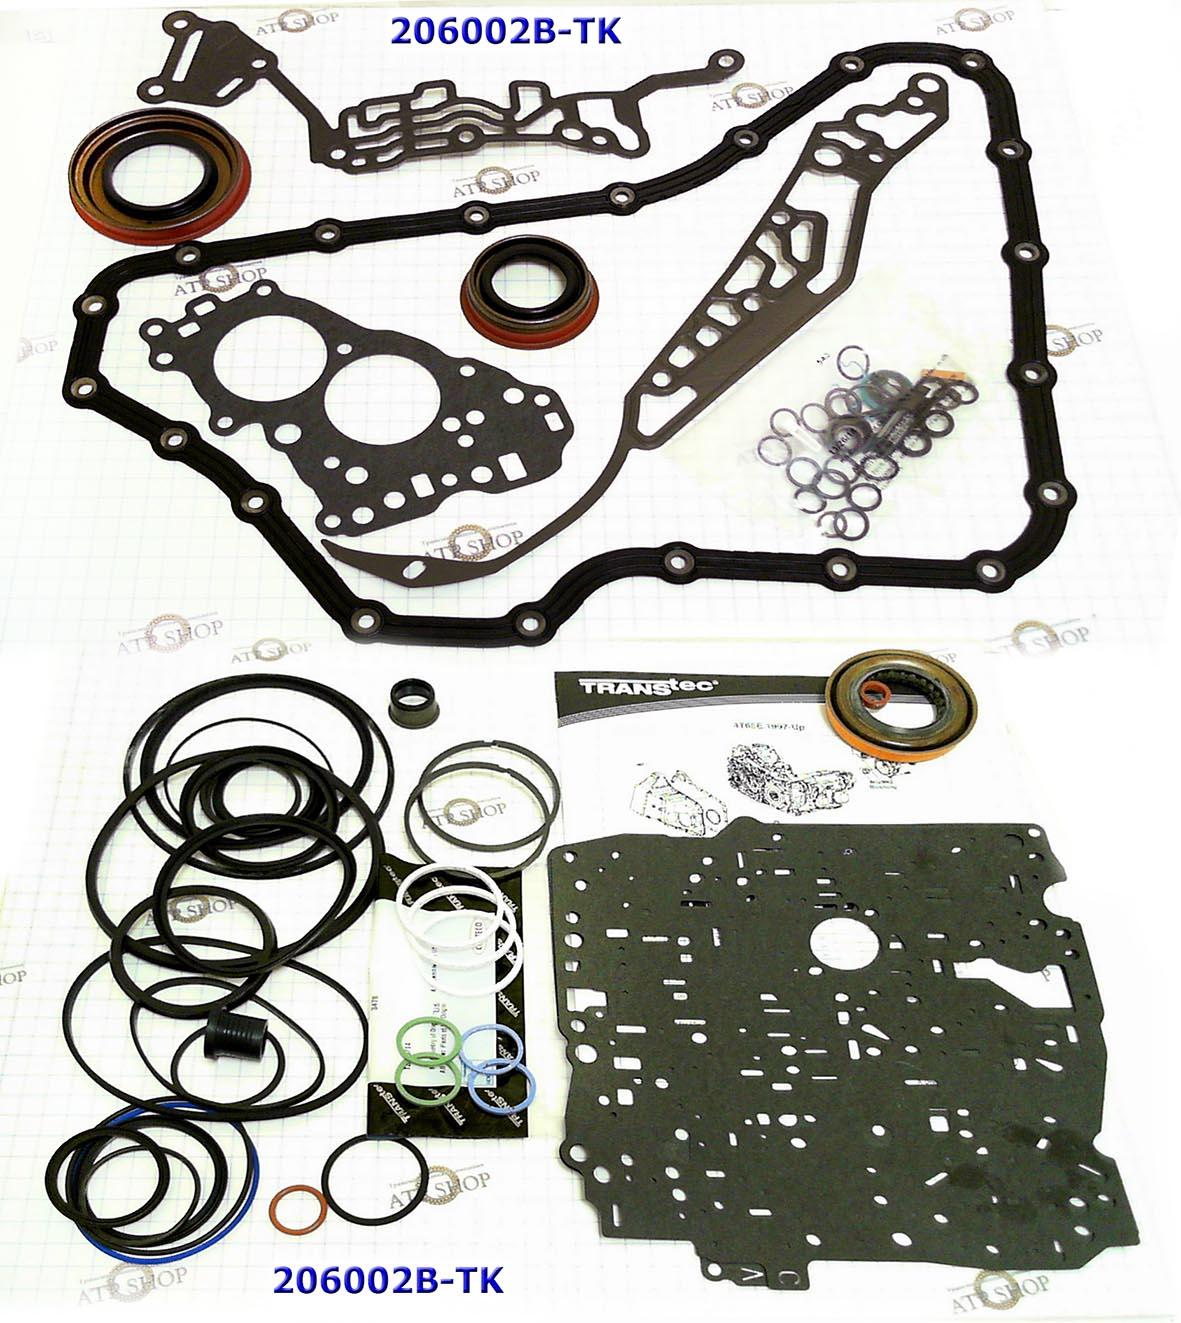 Комплект Прокладок и Сальников (Ремкомплект) (Оверол кит), Overhaul Kit, 4T60E W/Vespel Rings 1991-1999